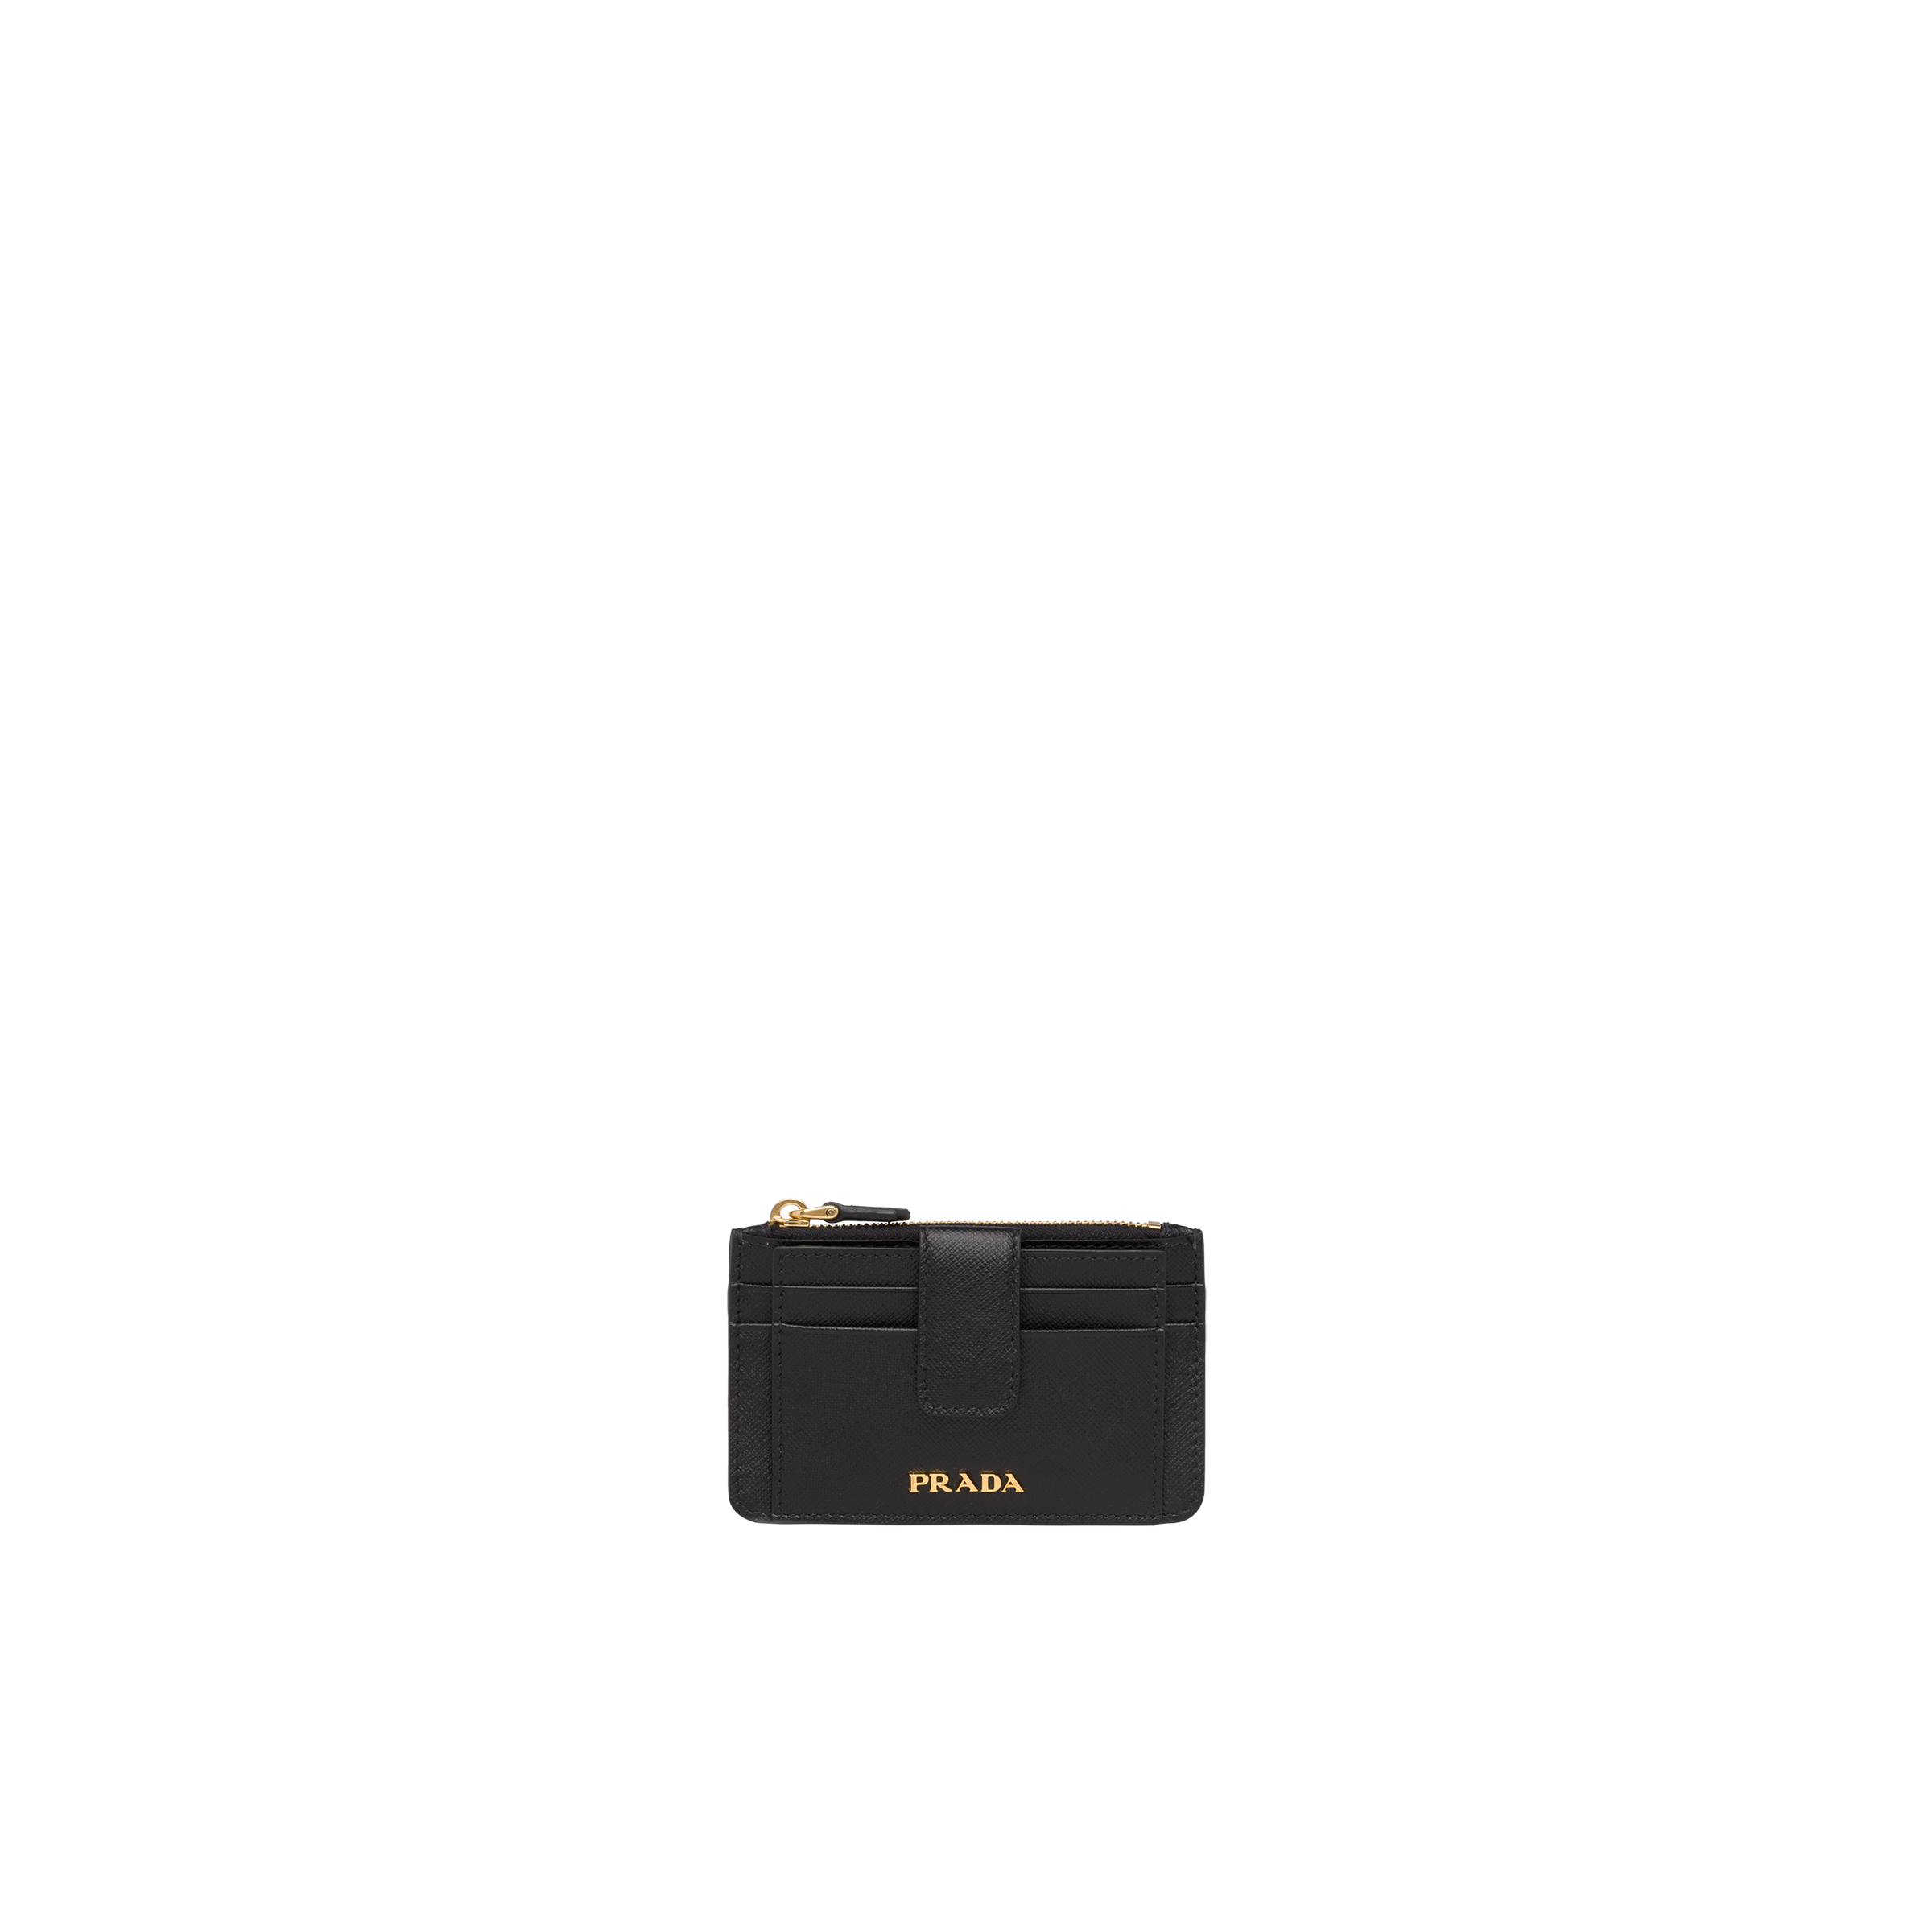 2f93014c1e08a8 Saffiano leather credit card holder | Prada - 1MC038_QWA_F0002